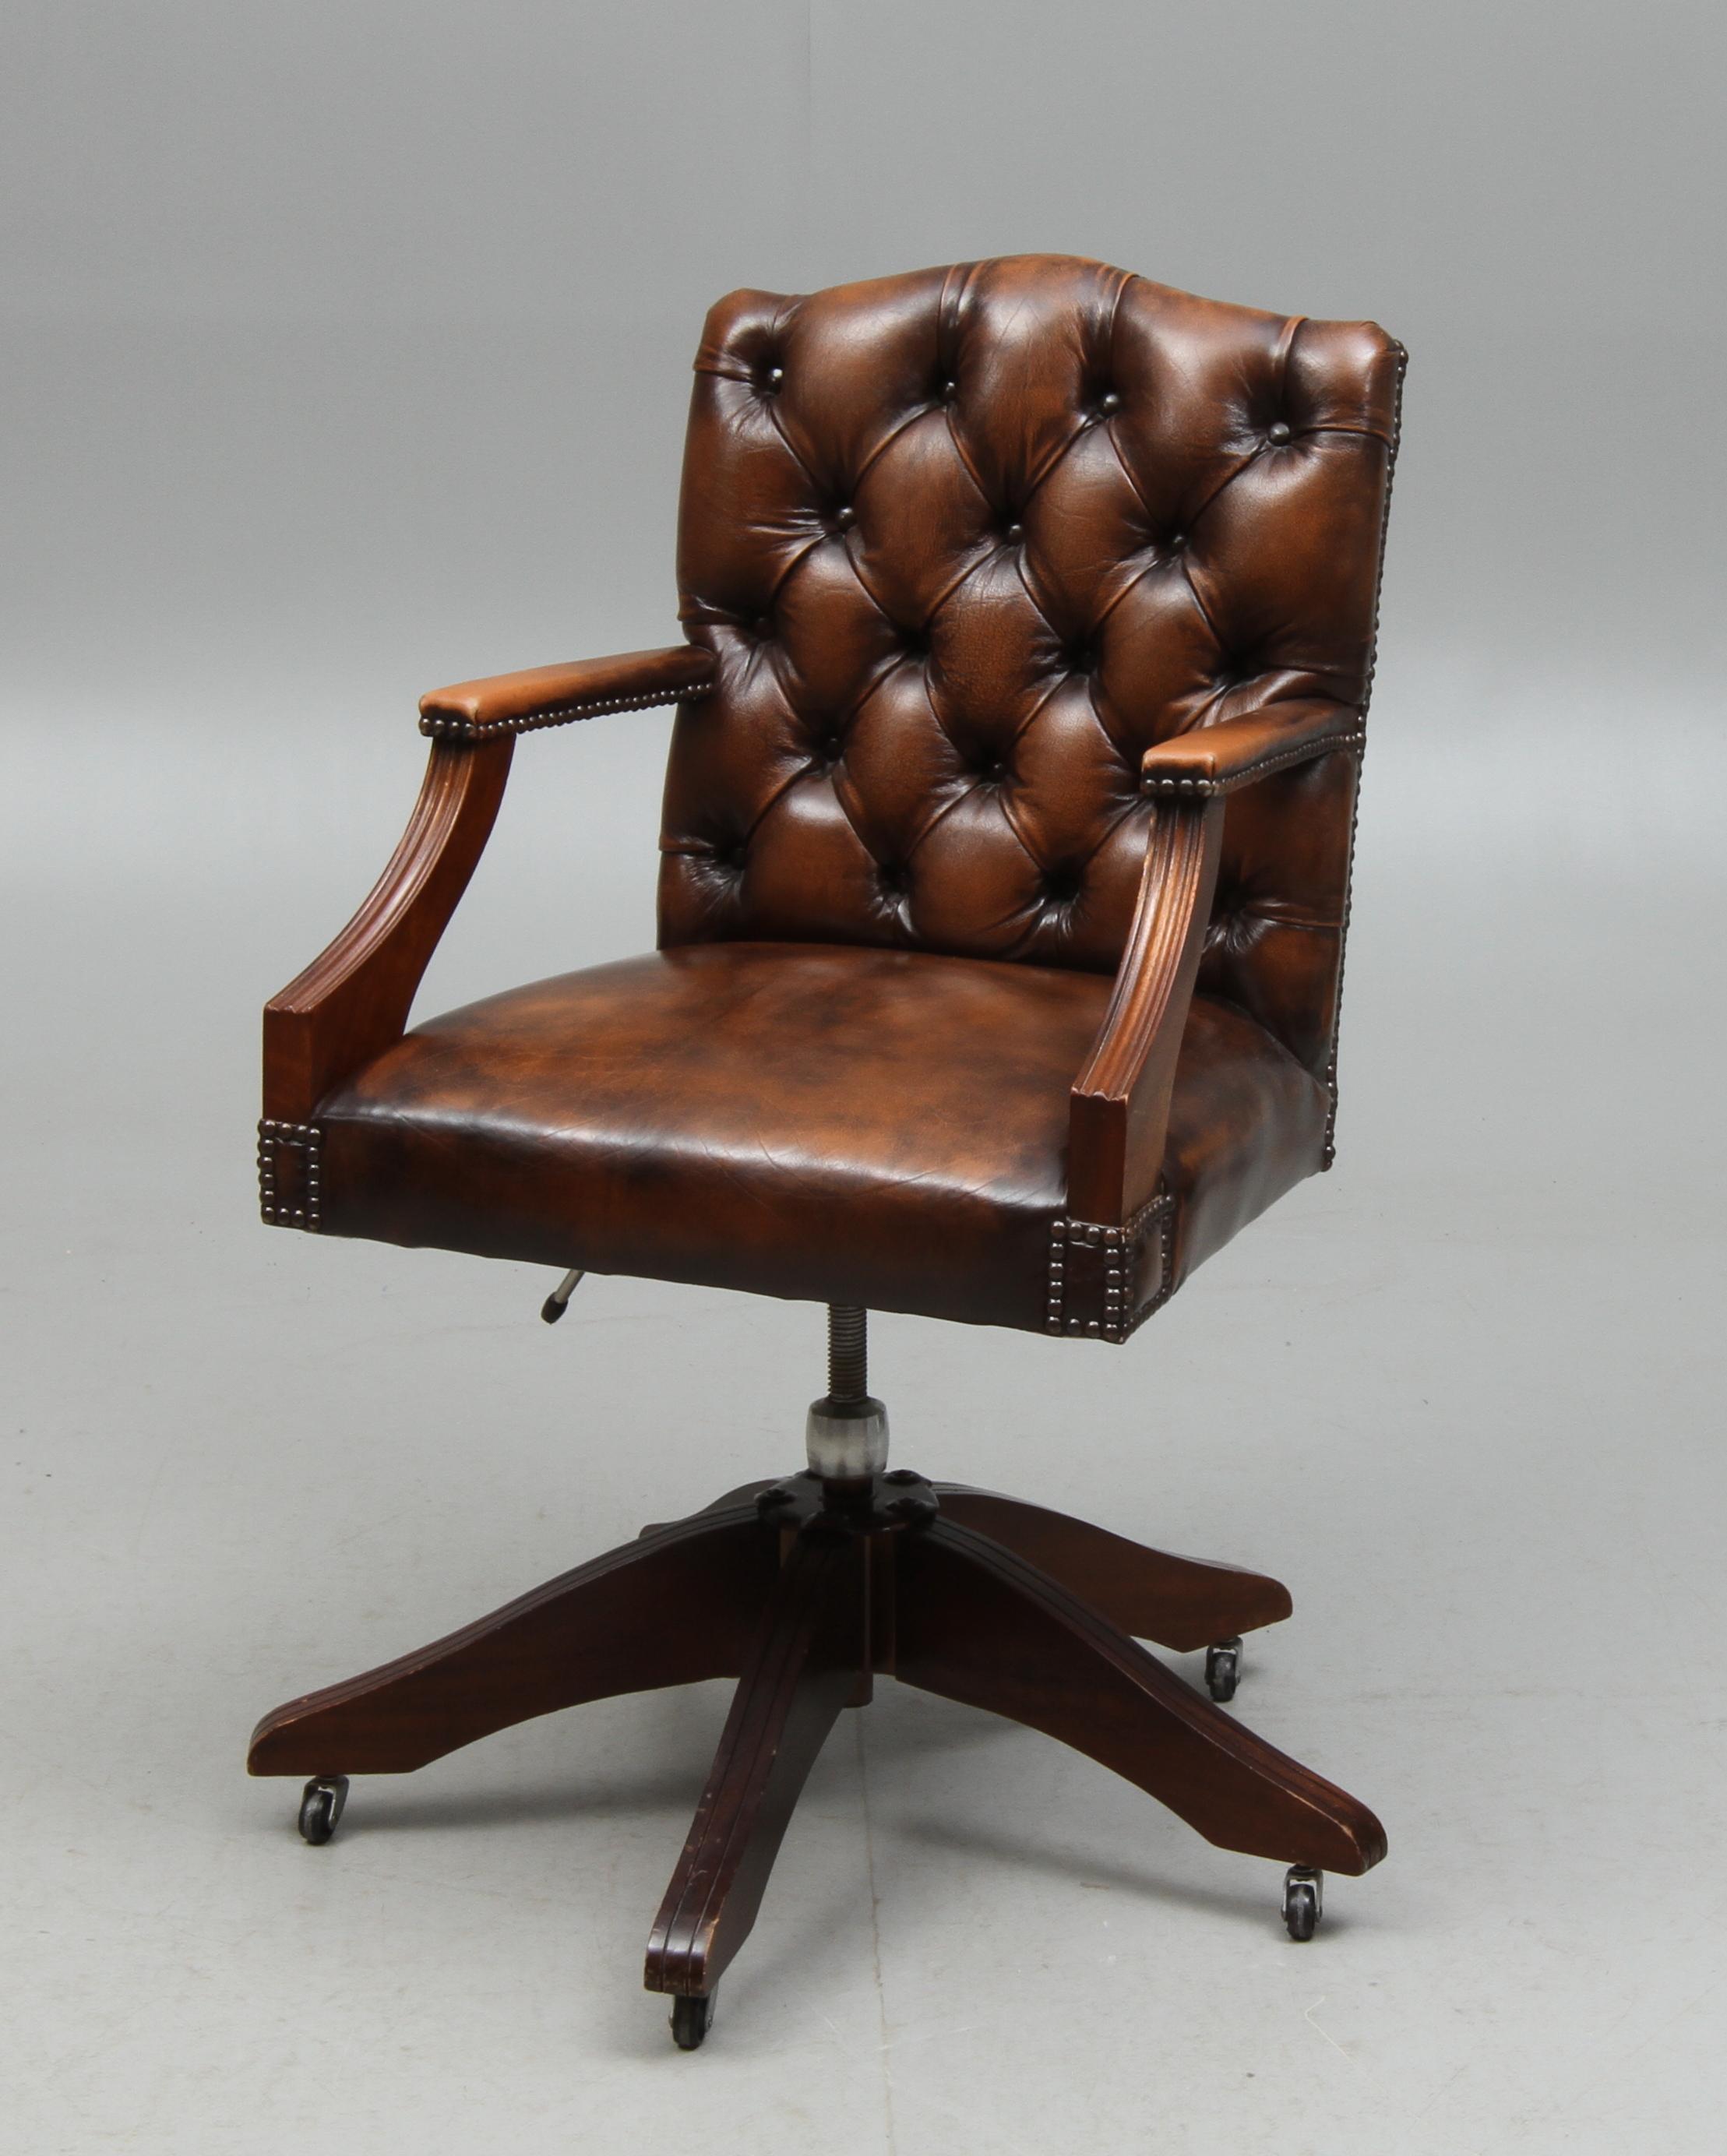 Bilder för 95832 SKRIVBORDSSTOL, engelsk stil, 1900 tal Auctionet